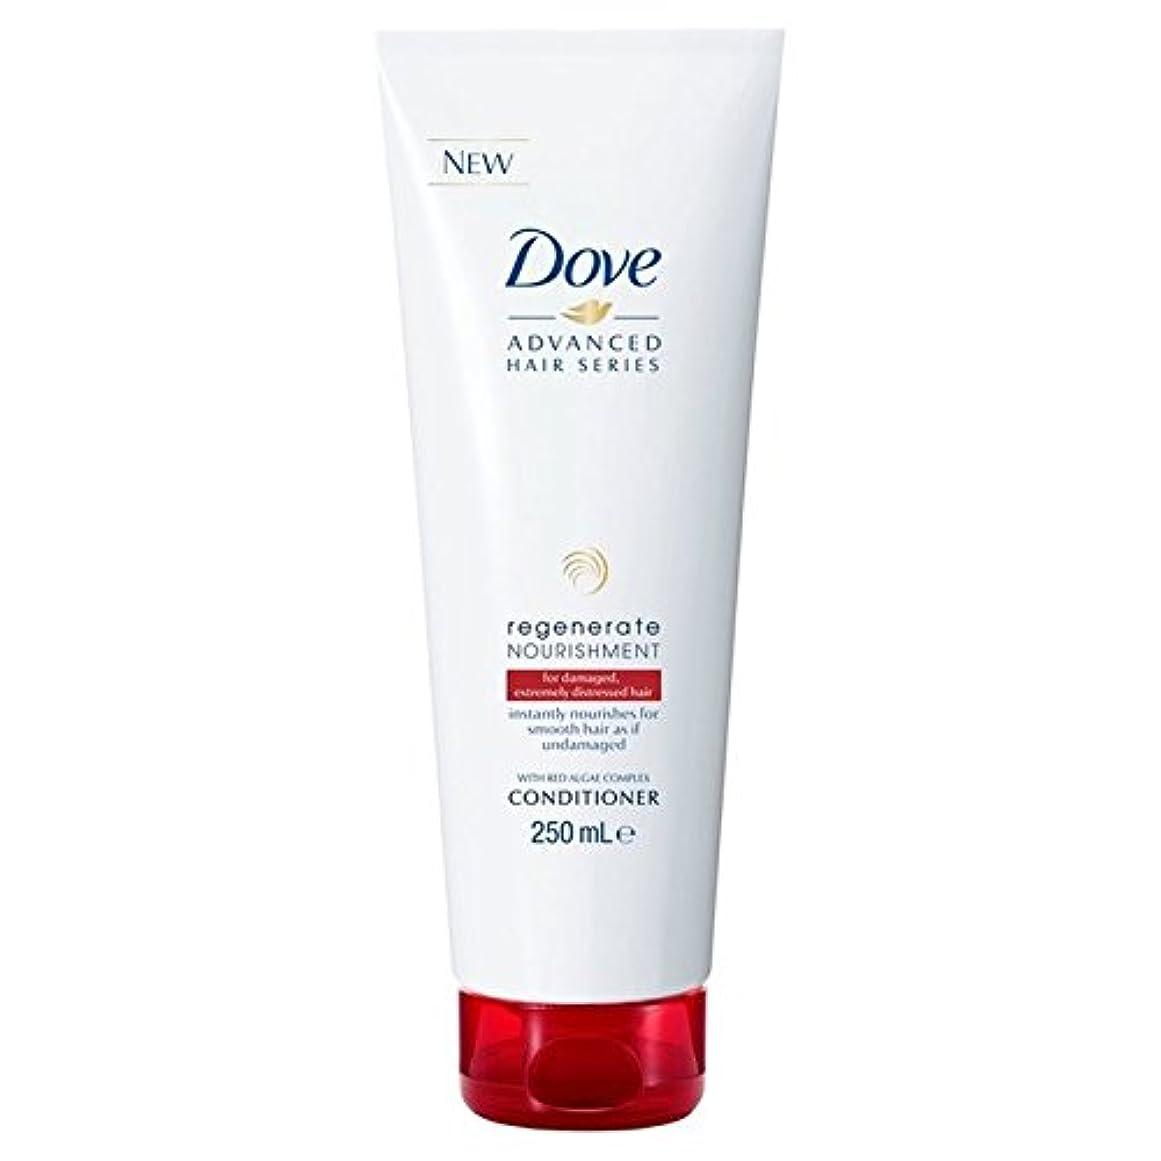 排気対応するセラーDove Advanced Hair Series Regenerate Nourishment Conditioner 250ml (Pack of 6) - 鳩高度な髪シリーズは、栄養コンディショナー250ミリリットルを再生成します x6 [並行輸入品]